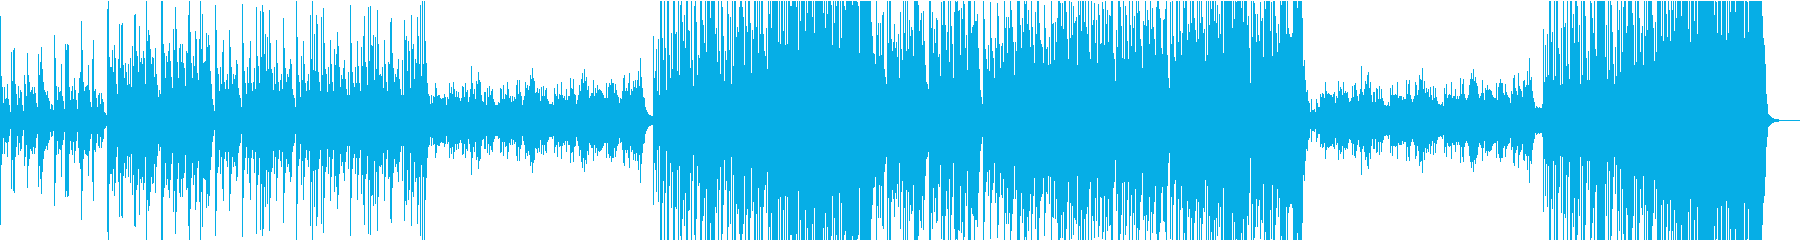 癒しのハワイアンの再生済みの波形